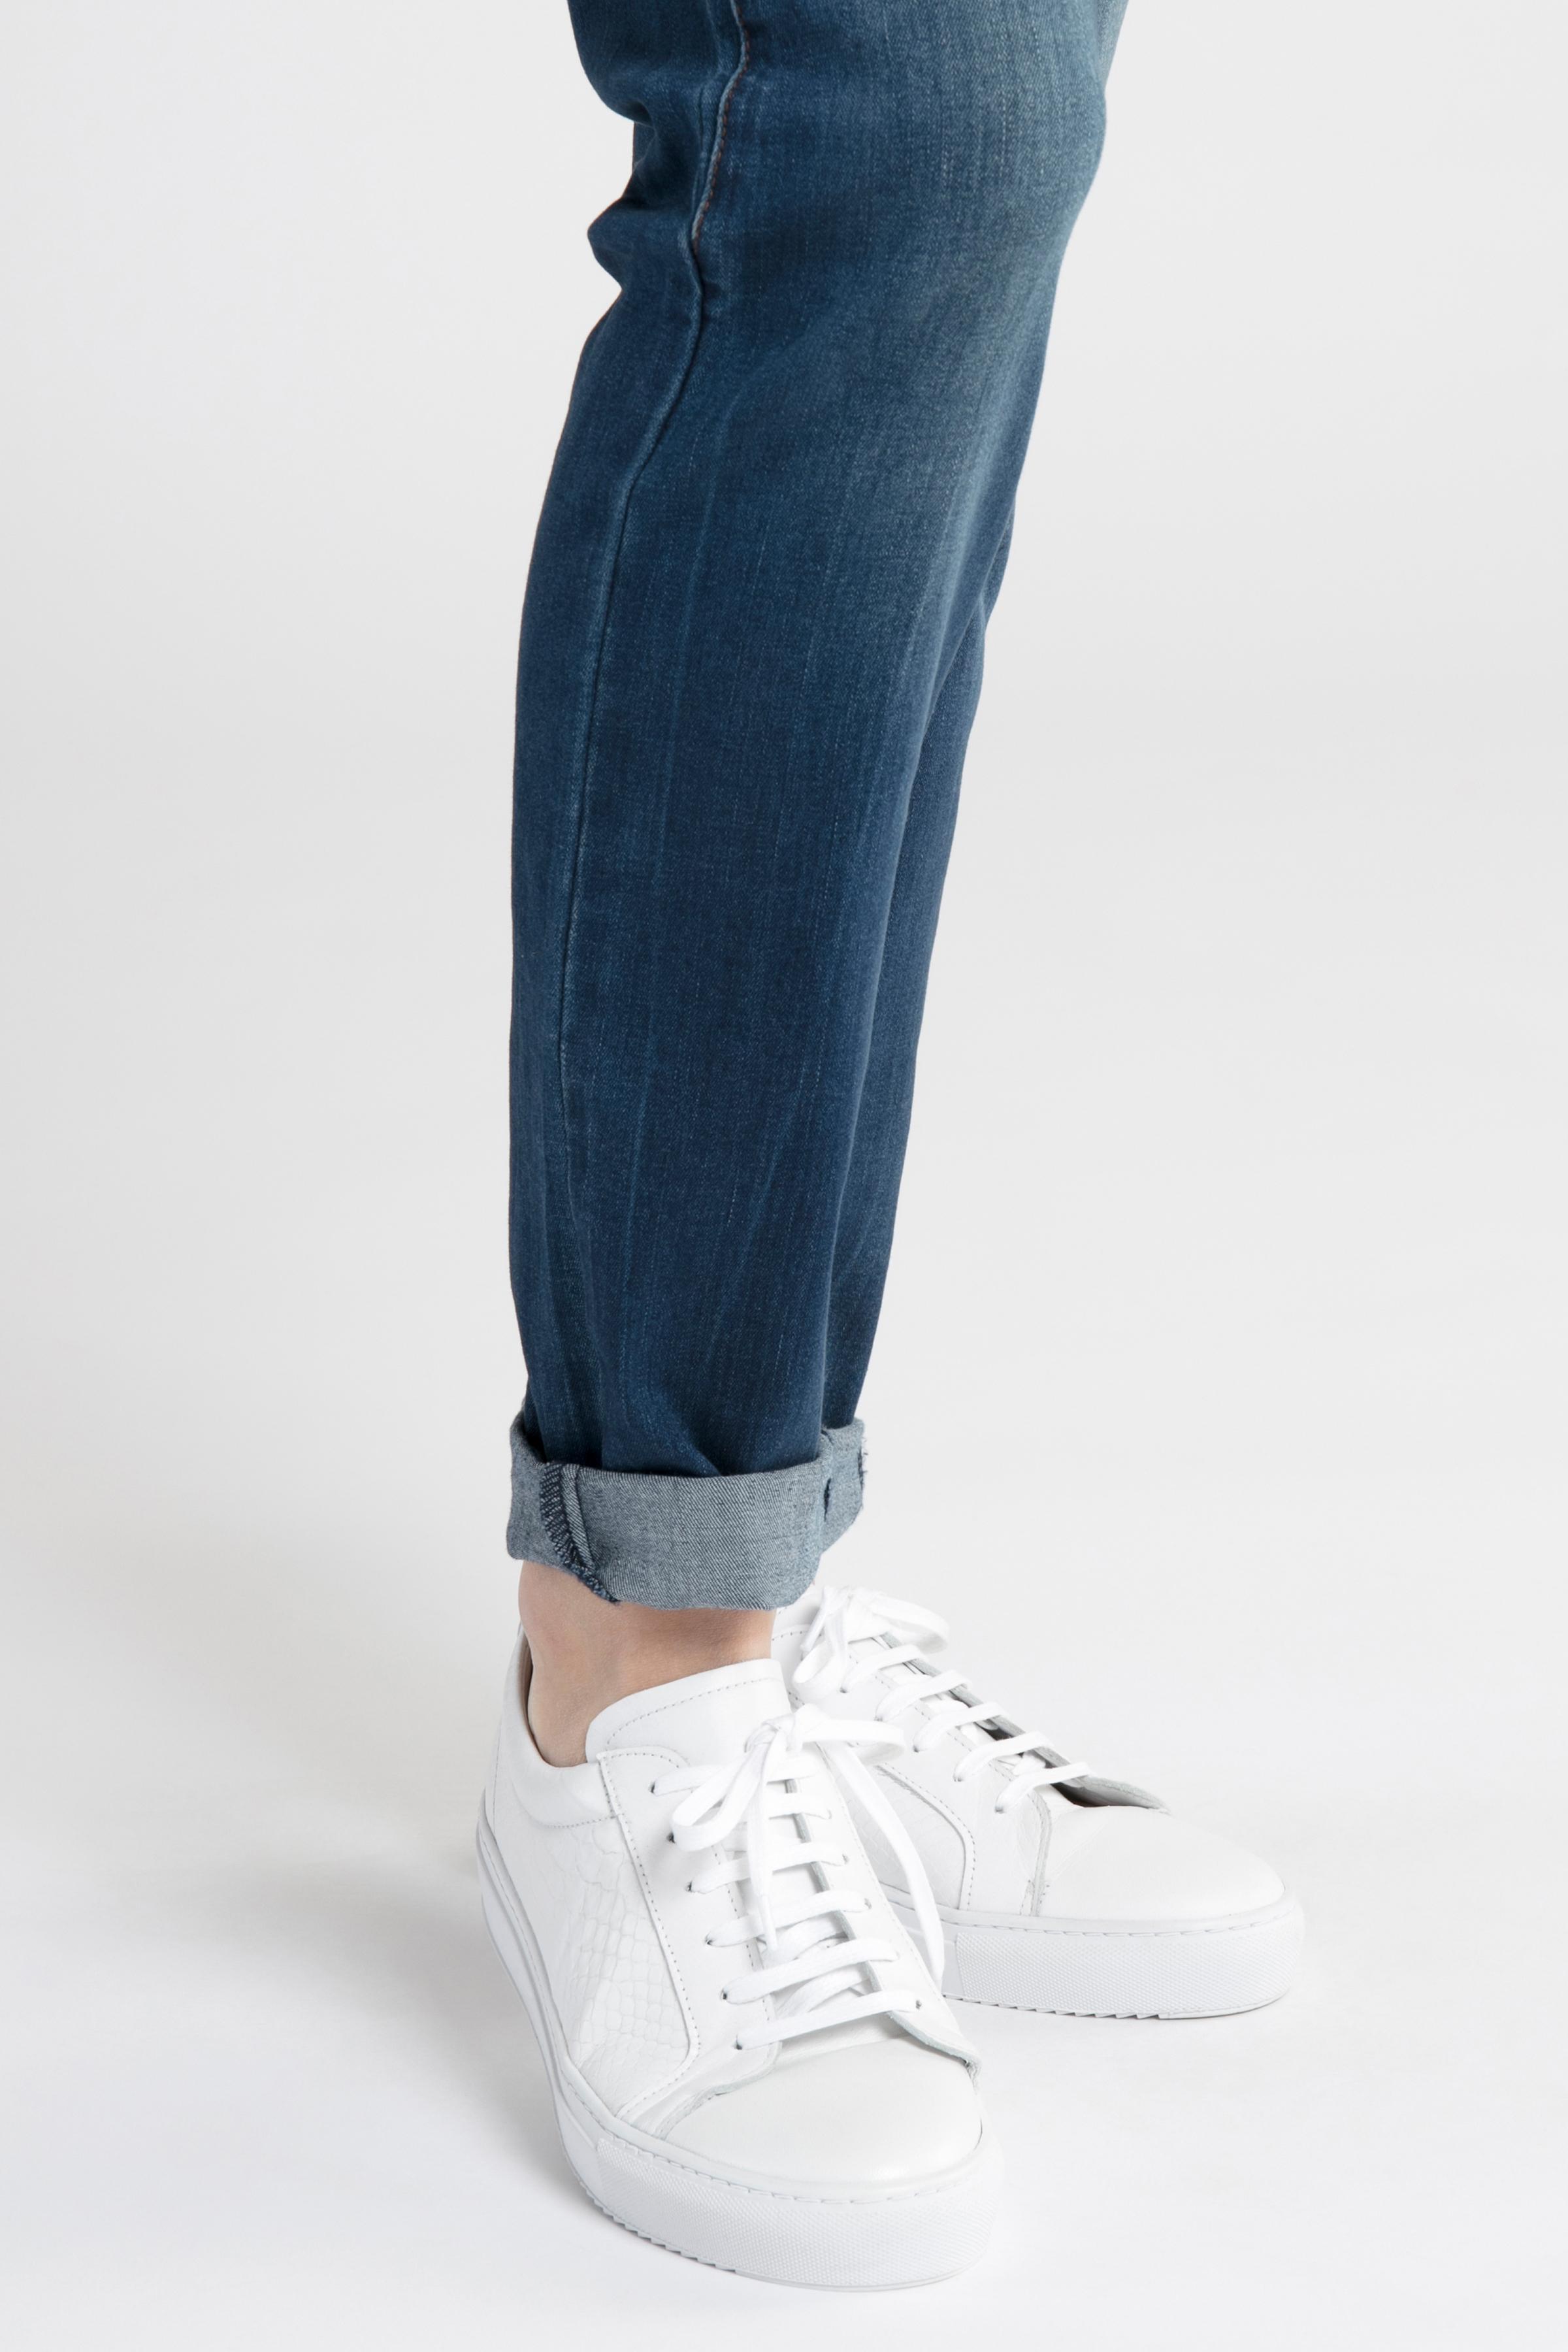 Vit Skor från Ichi - accessories – Köp Vit Skor från stl. 36-41 här